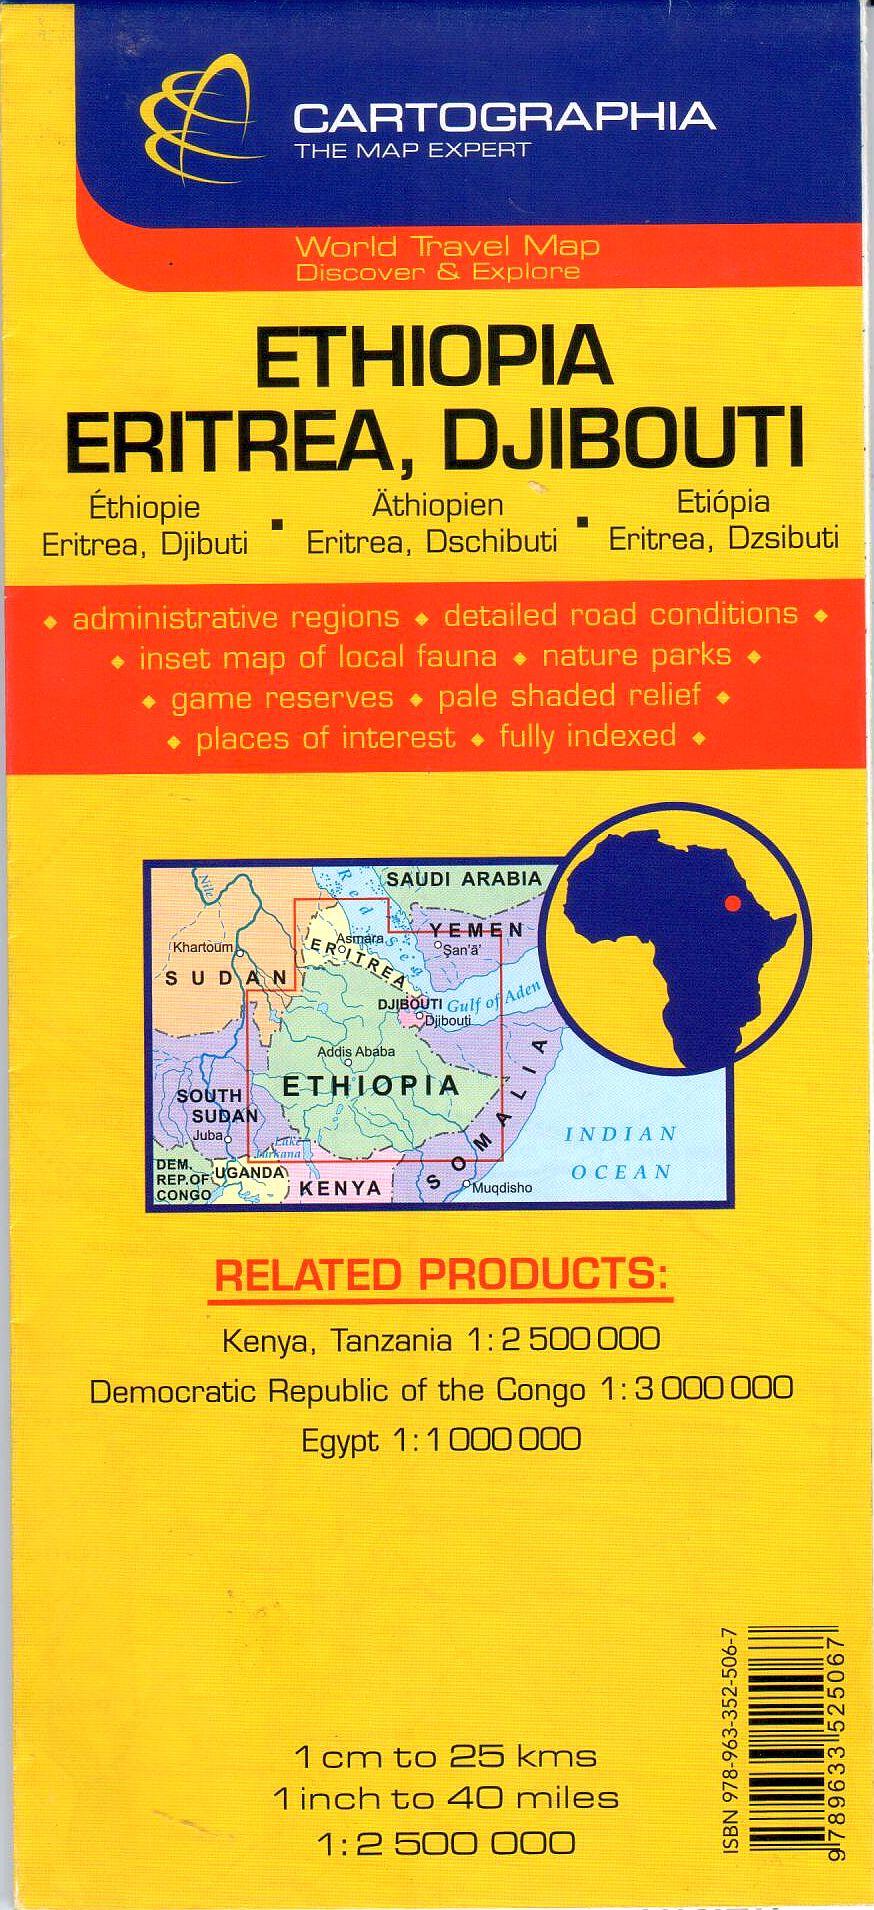 Az Etiópia, Eritrea, Dzsibuti térkép által lefedett terület